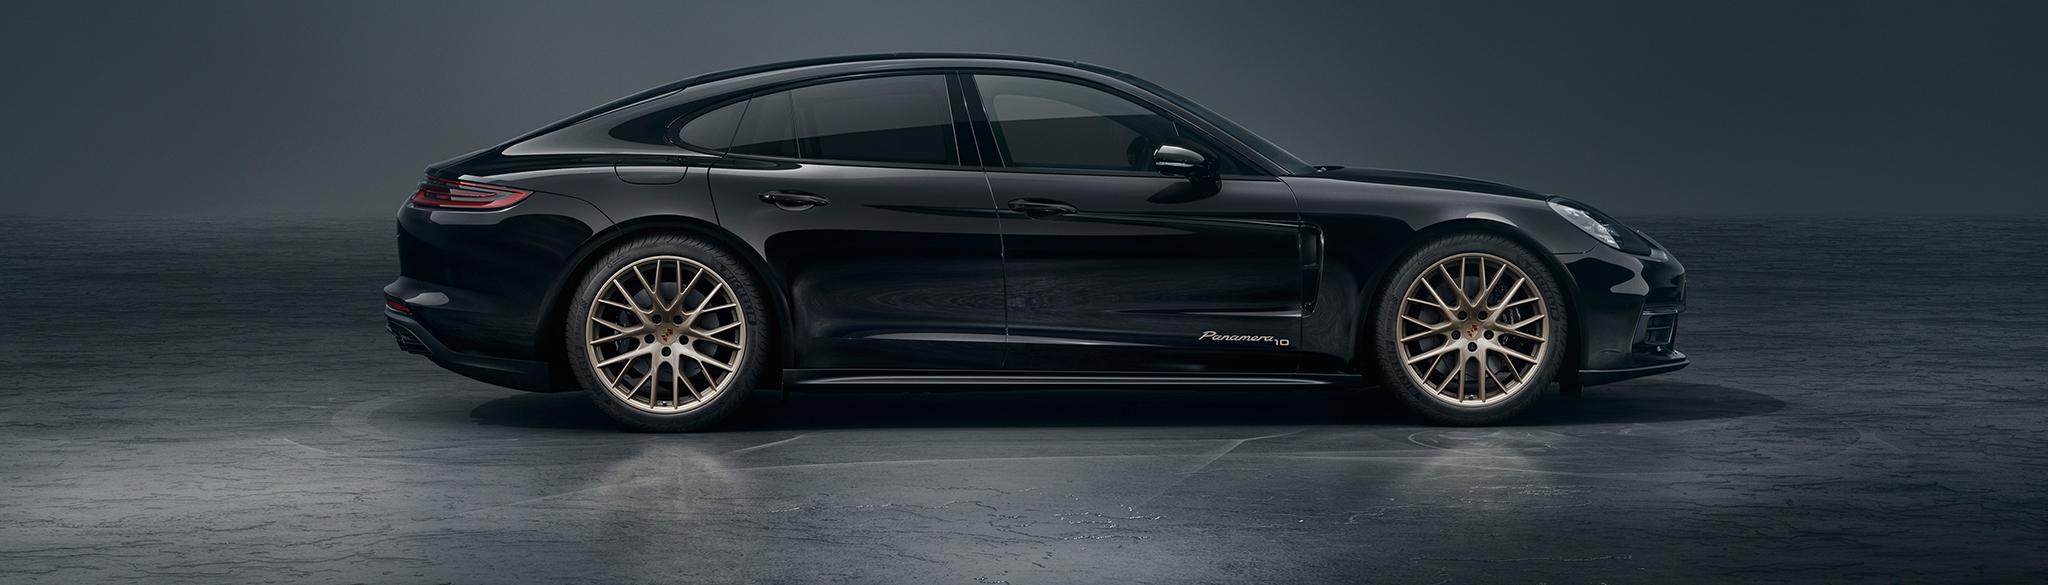 Black Porsche Header